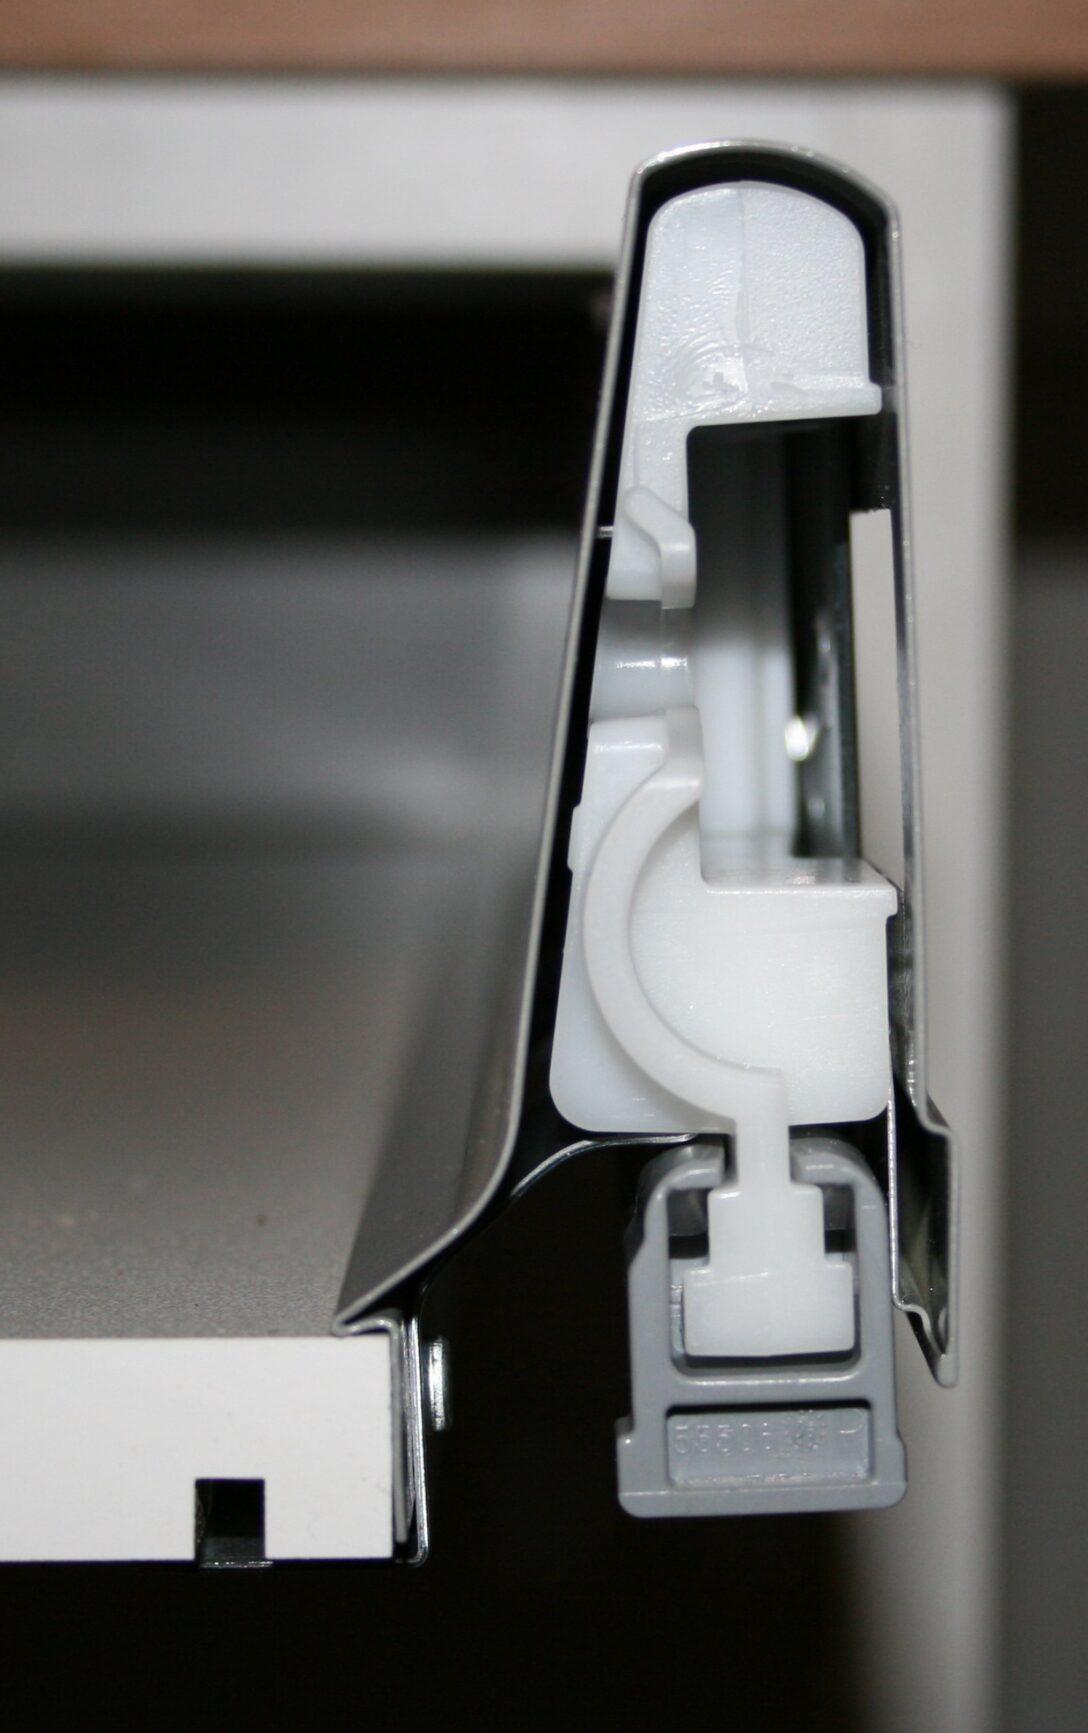 Large Size of Ikea Rationell Schubladen Ausbauen Schlitzflitzer Fliesenspiegel Küche Selber Machen Fliesen Für Wellmann Kleine Einbauküche Pino Kochinsel Deckenleuchte Wohnzimmer Mülleimer Küche Ikea